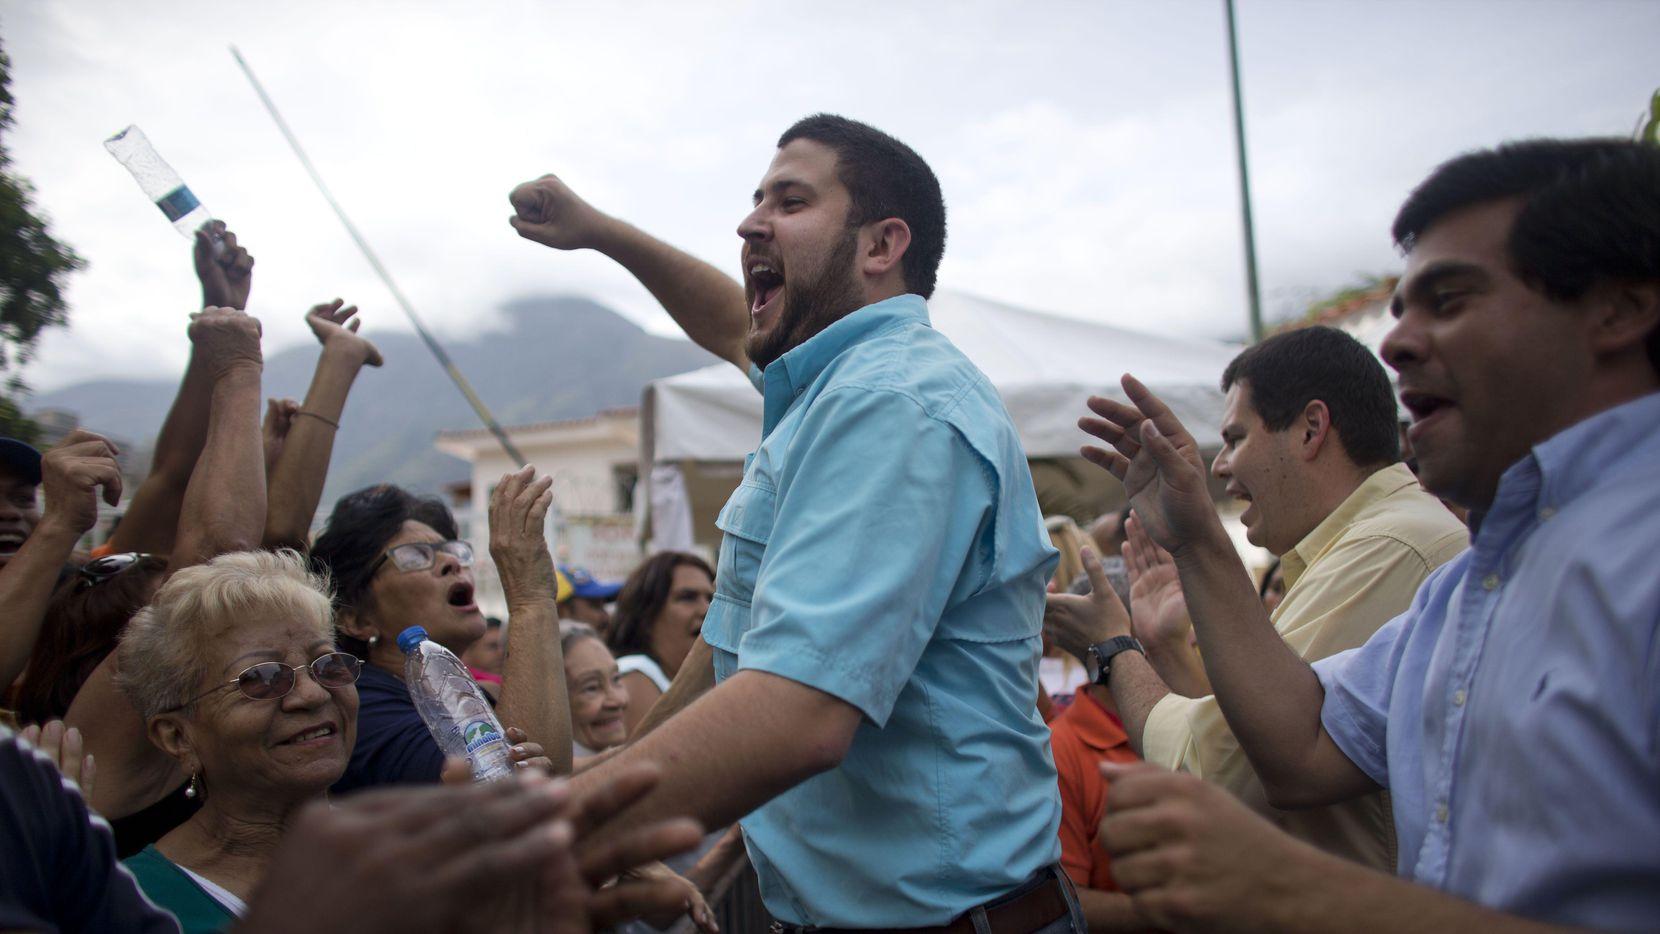 David Smolansky, alcalde del distrito de El Hatillo, en el centro, en una manifestación en Caracas, Venezuela. (AP/ARIANA CUBILLOS)